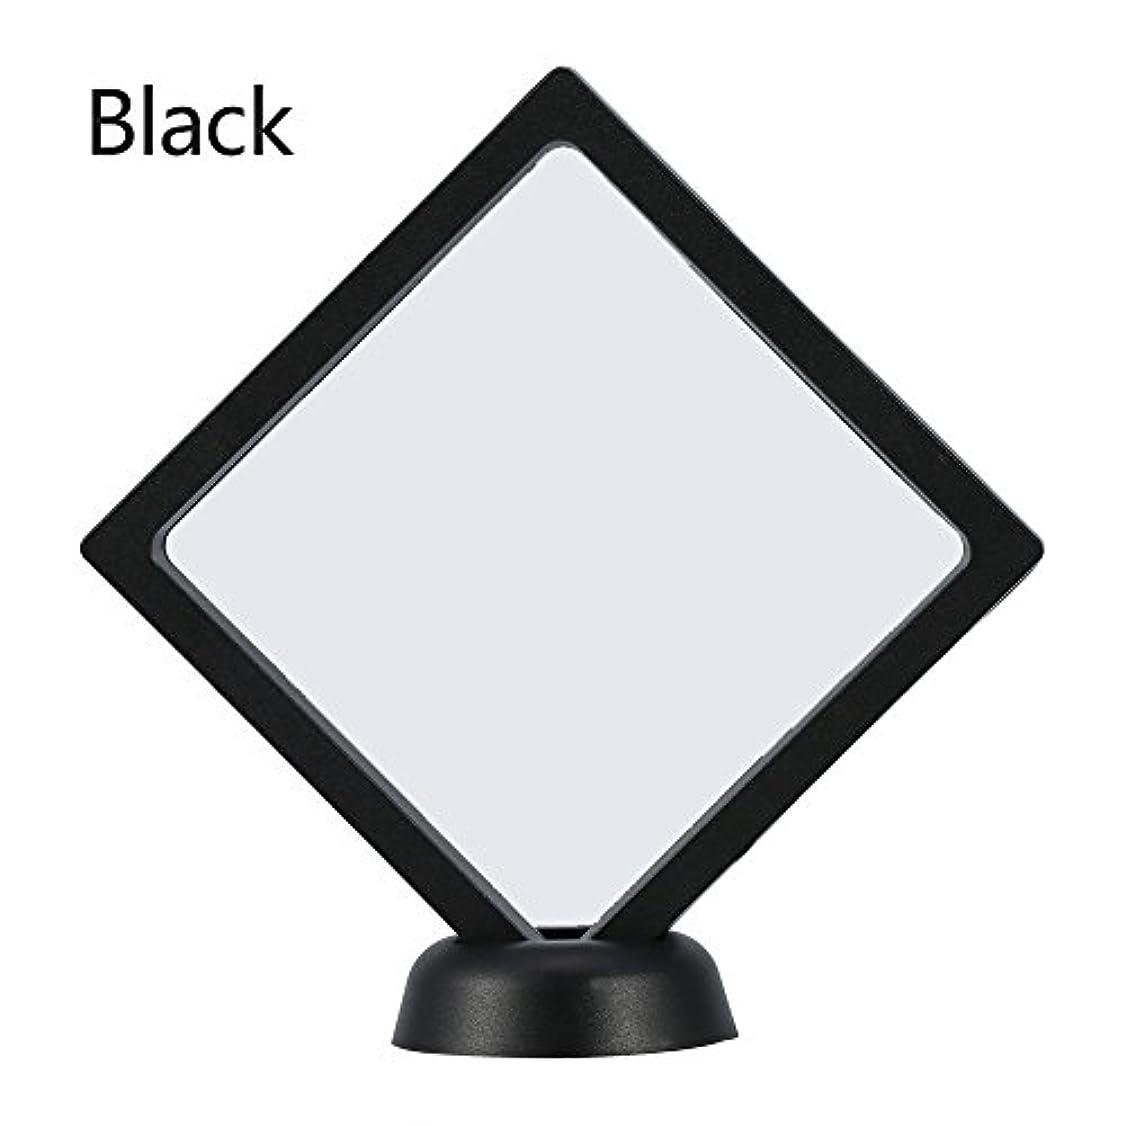 傾向があります相談するワームアクリルネイルプレートとPETフィルムディスプレイスクリーン付きの2つのダイヤモンドネイルディスプレイスタンド - 4.3 4.3インチネイルホルダーツール(Black)